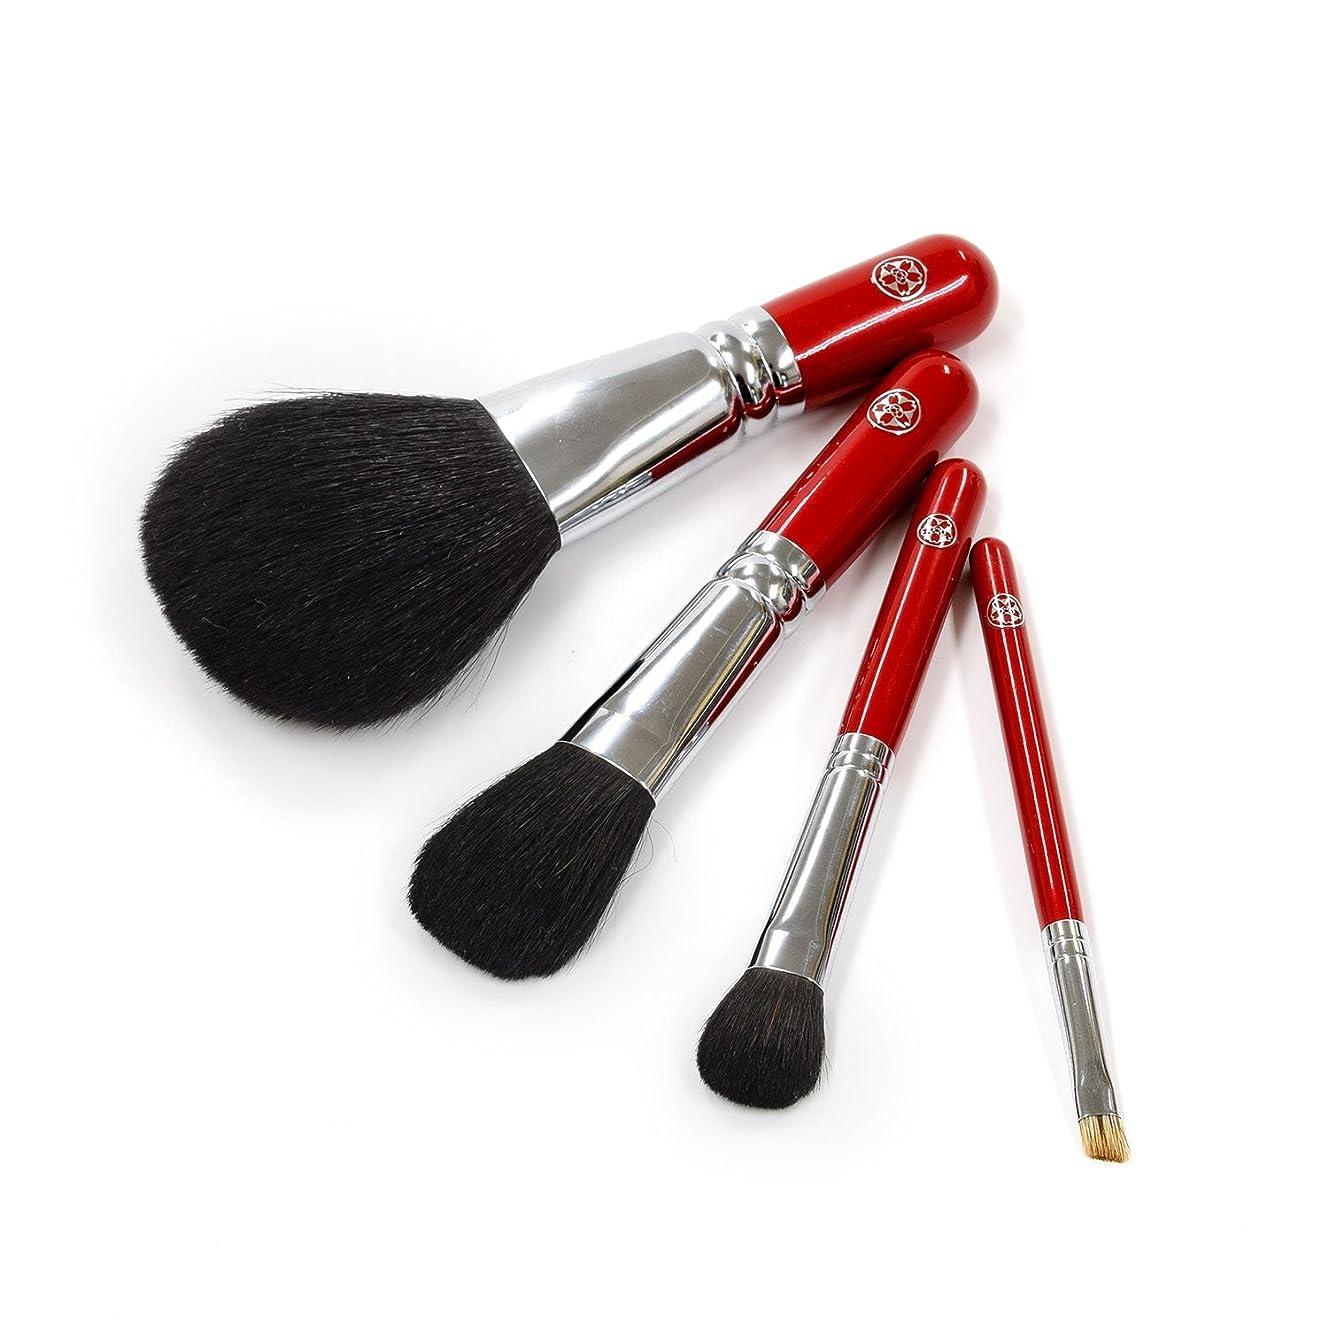 生理攻撃下に向けますARRS-S4aさくら筆 お顔の印象がグッと華やかに! 贅沢な化粧筆 4本セット パウダー チーク アイシャドー アイブロー 六角館さくら堂 ロゴ入り 女性の手になじみやすい赤軸ショートタイプ 熊野筆